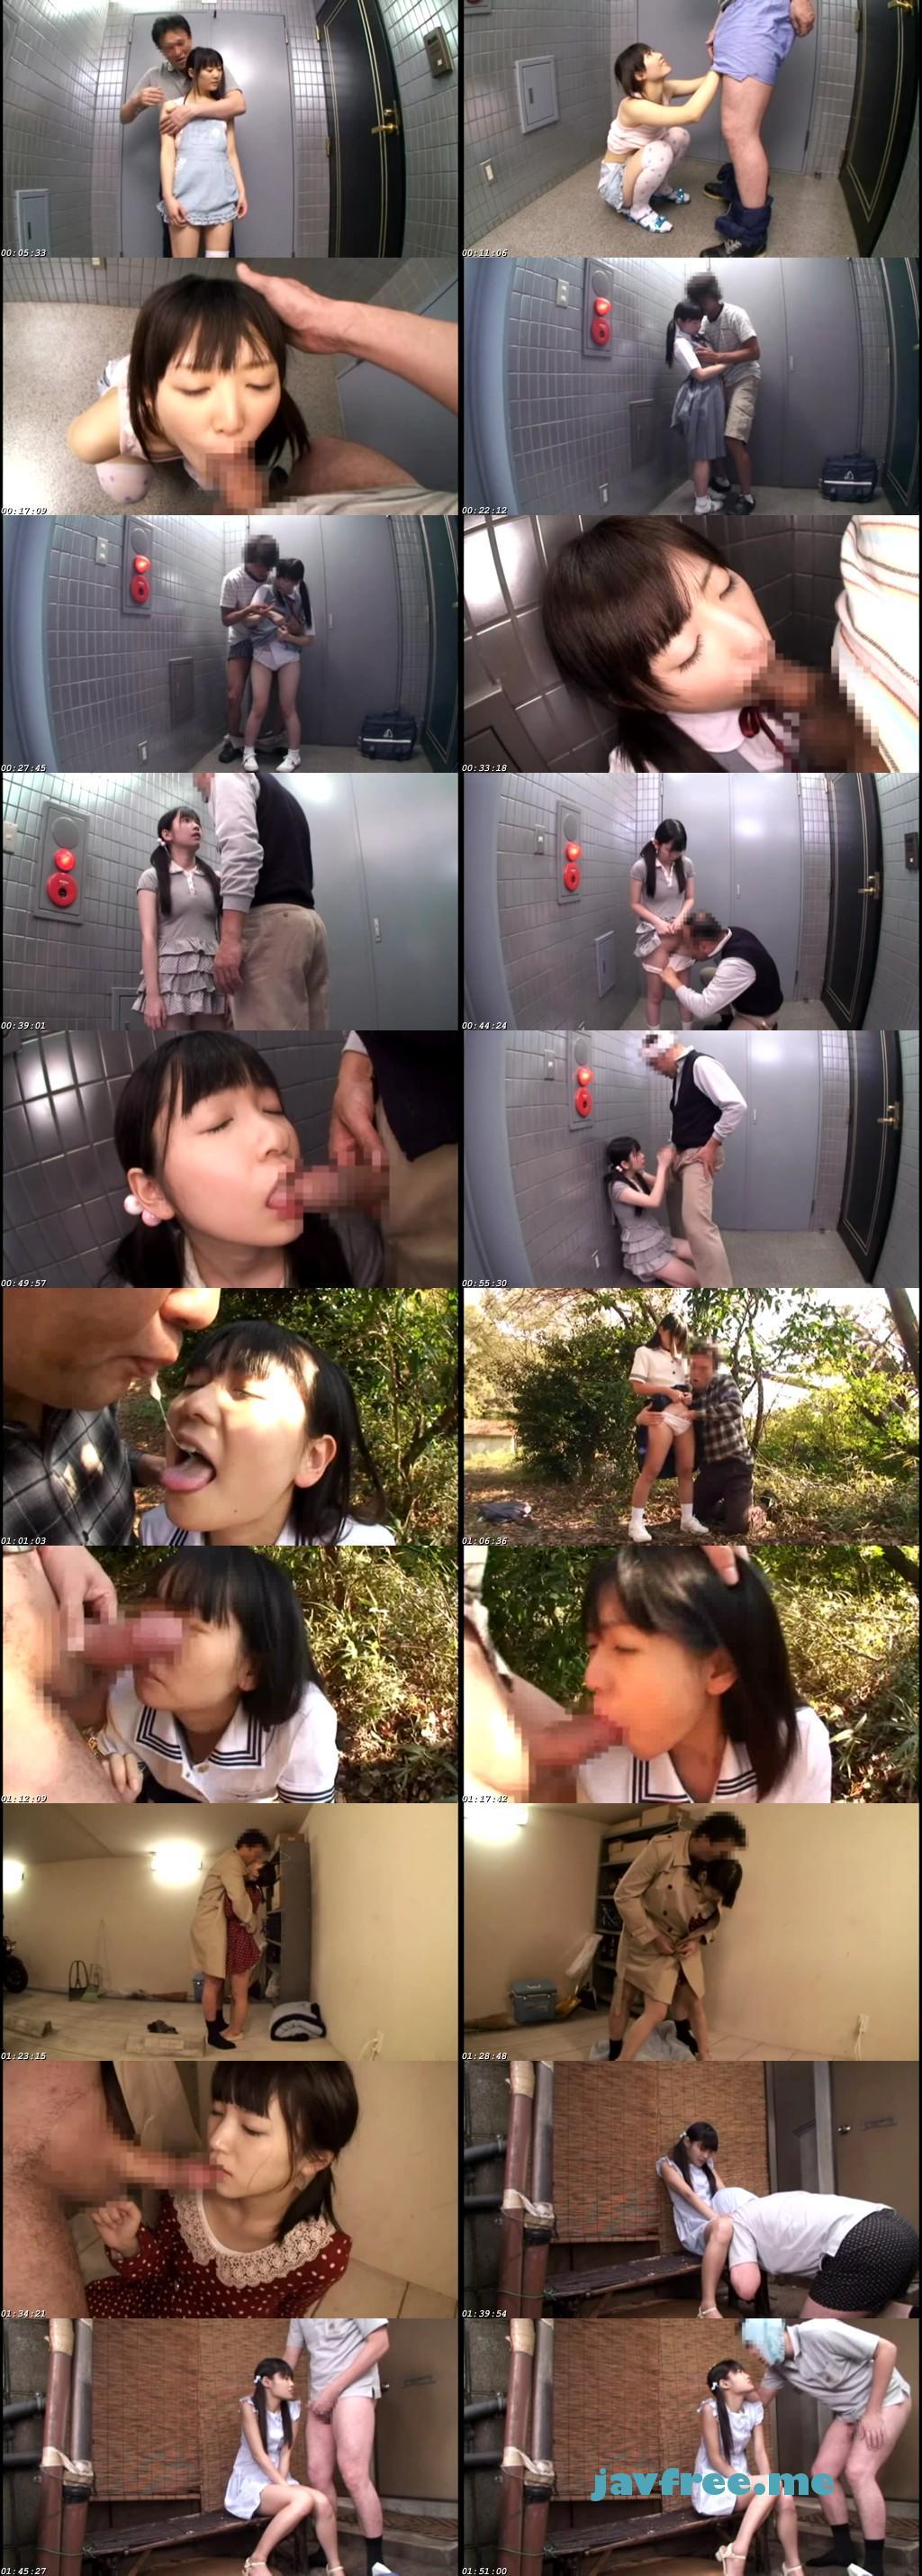 [MMT-002] いたずら後の強制フェラチオ。小さい女の子12人のお口へ。濃厚名場面集。 - image MMT-002b on https://javfree.me